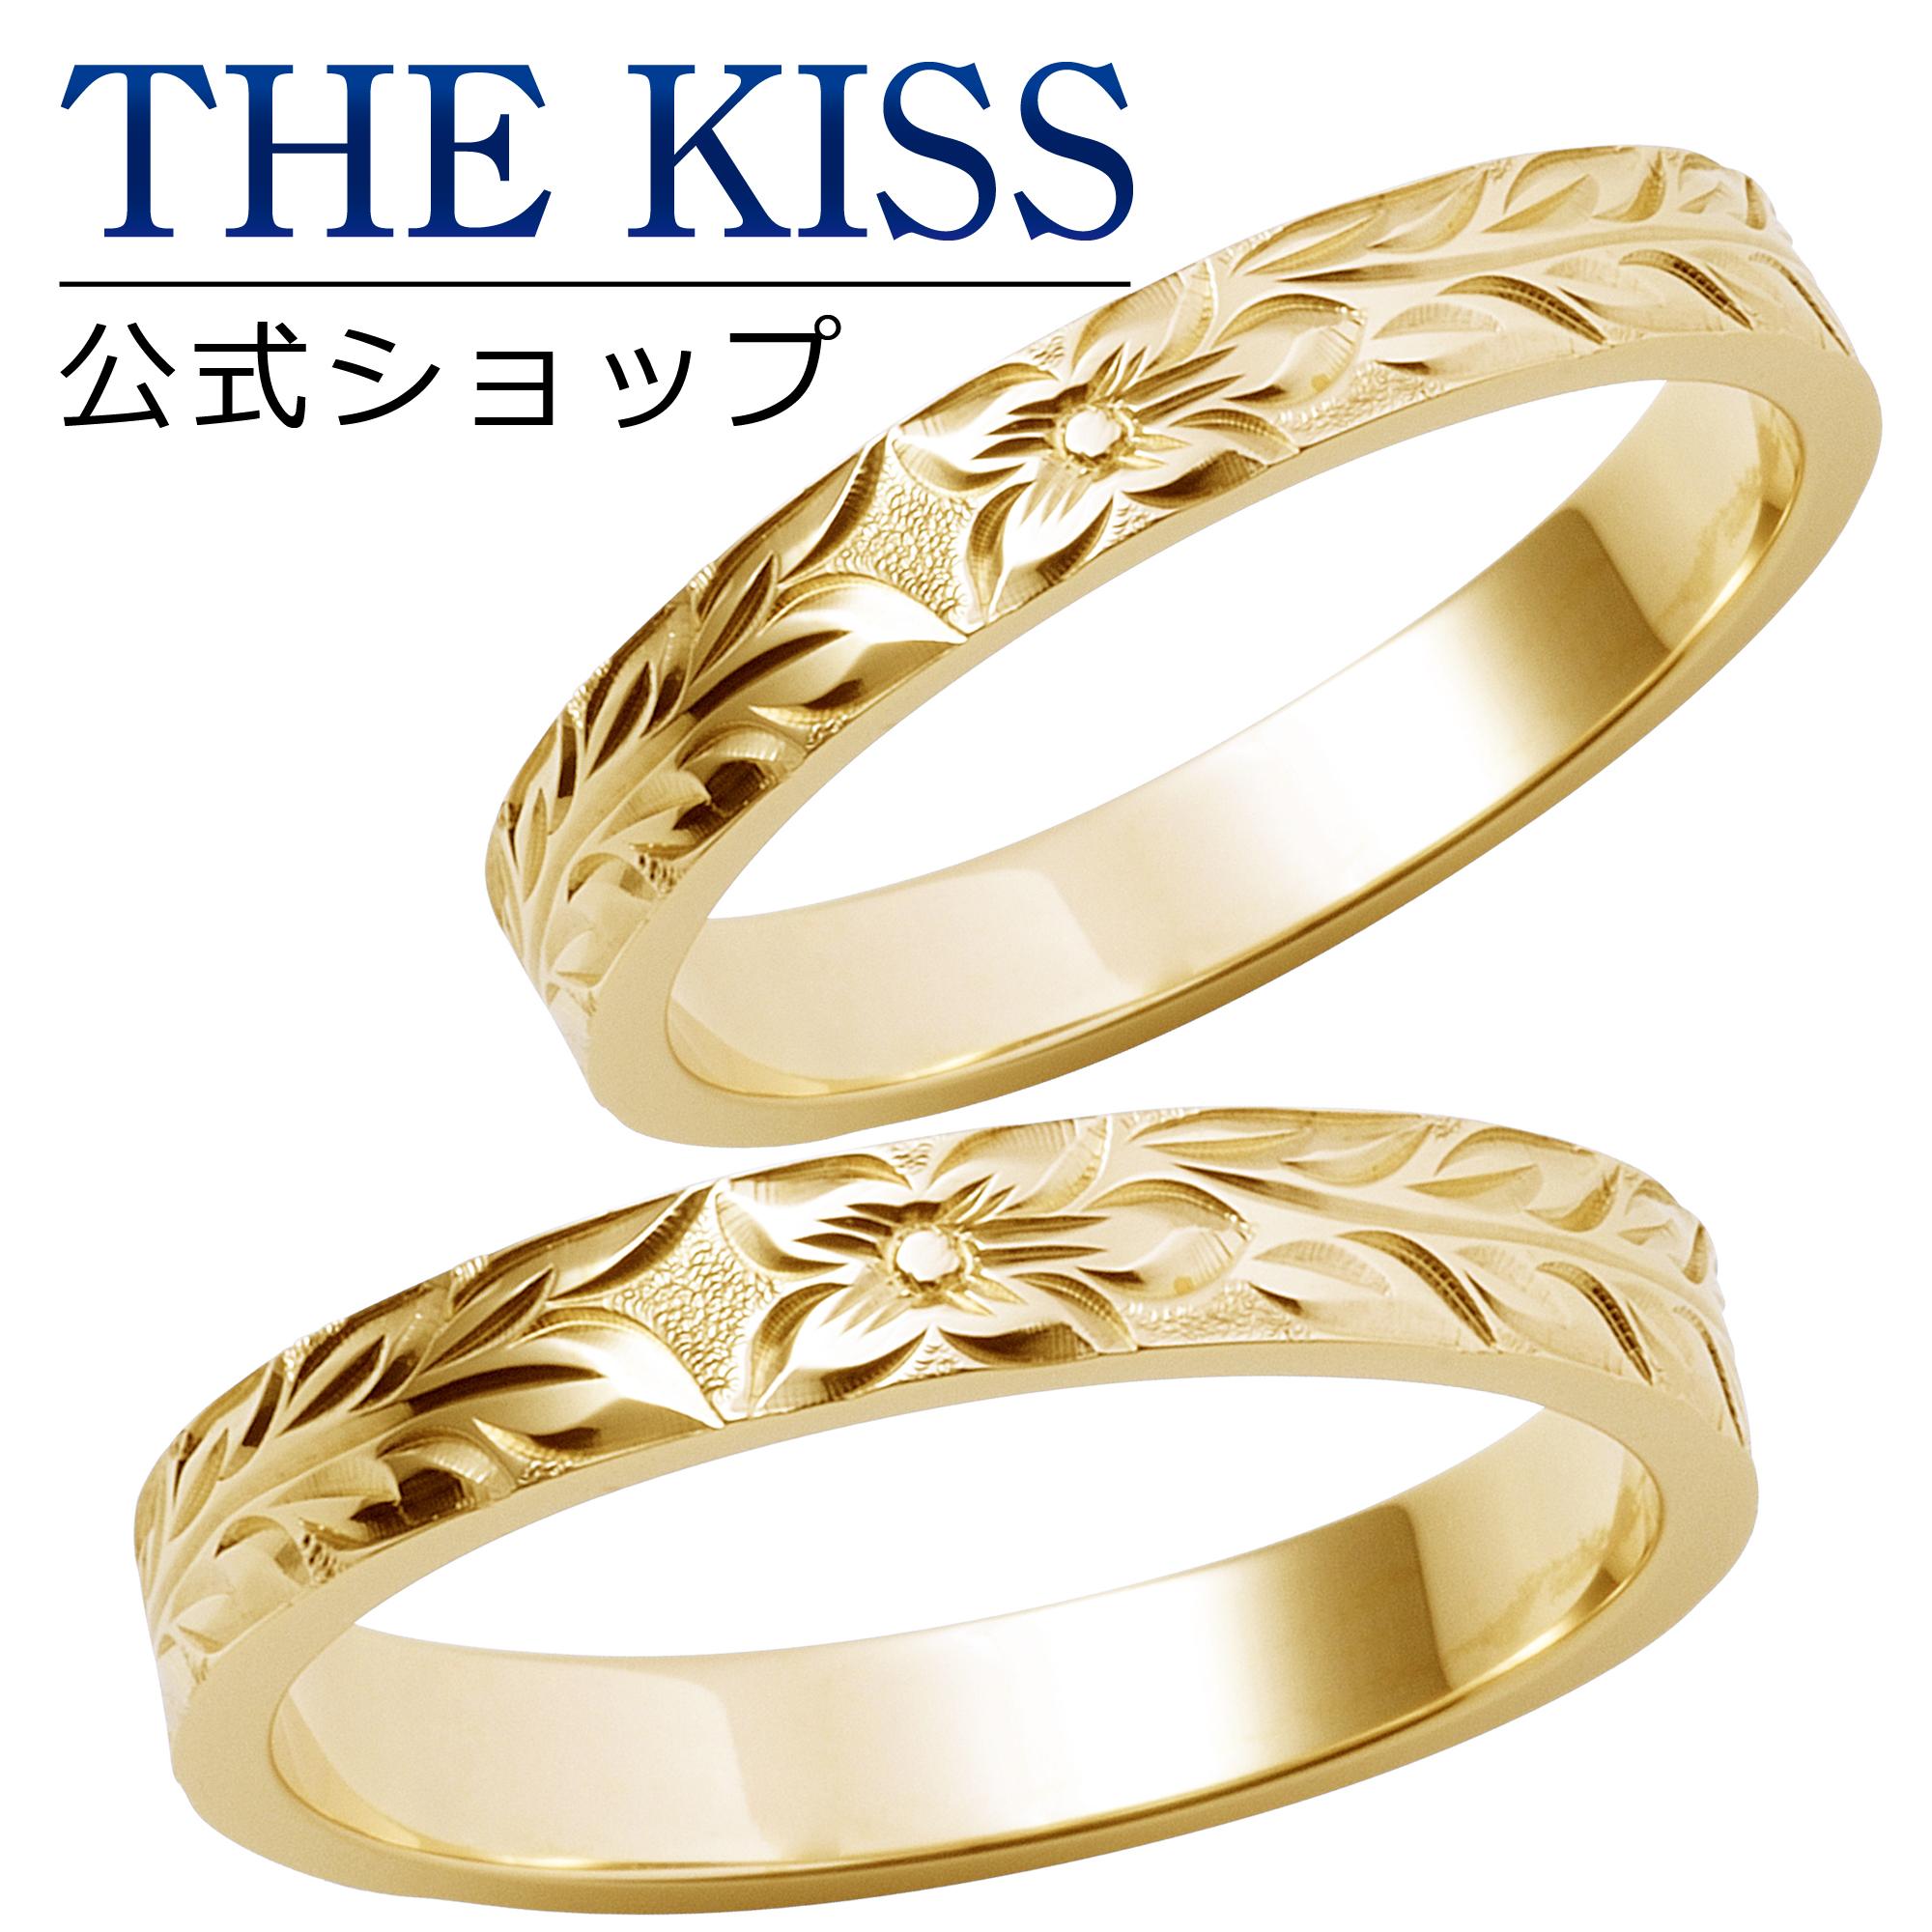 【刻印可_10文字】【Kahuna】 K10イエローゴールド マリッジリング ハワイアンジュエリー Long Maile ロングマイレ 結婚指輪 ペアリング THE KISS ザキッス リング・指輪 50W-RF-31-110_50W-RF-31-120_YG セット シンプル 男性 女性 2個ペア ザキス 【送料無料】